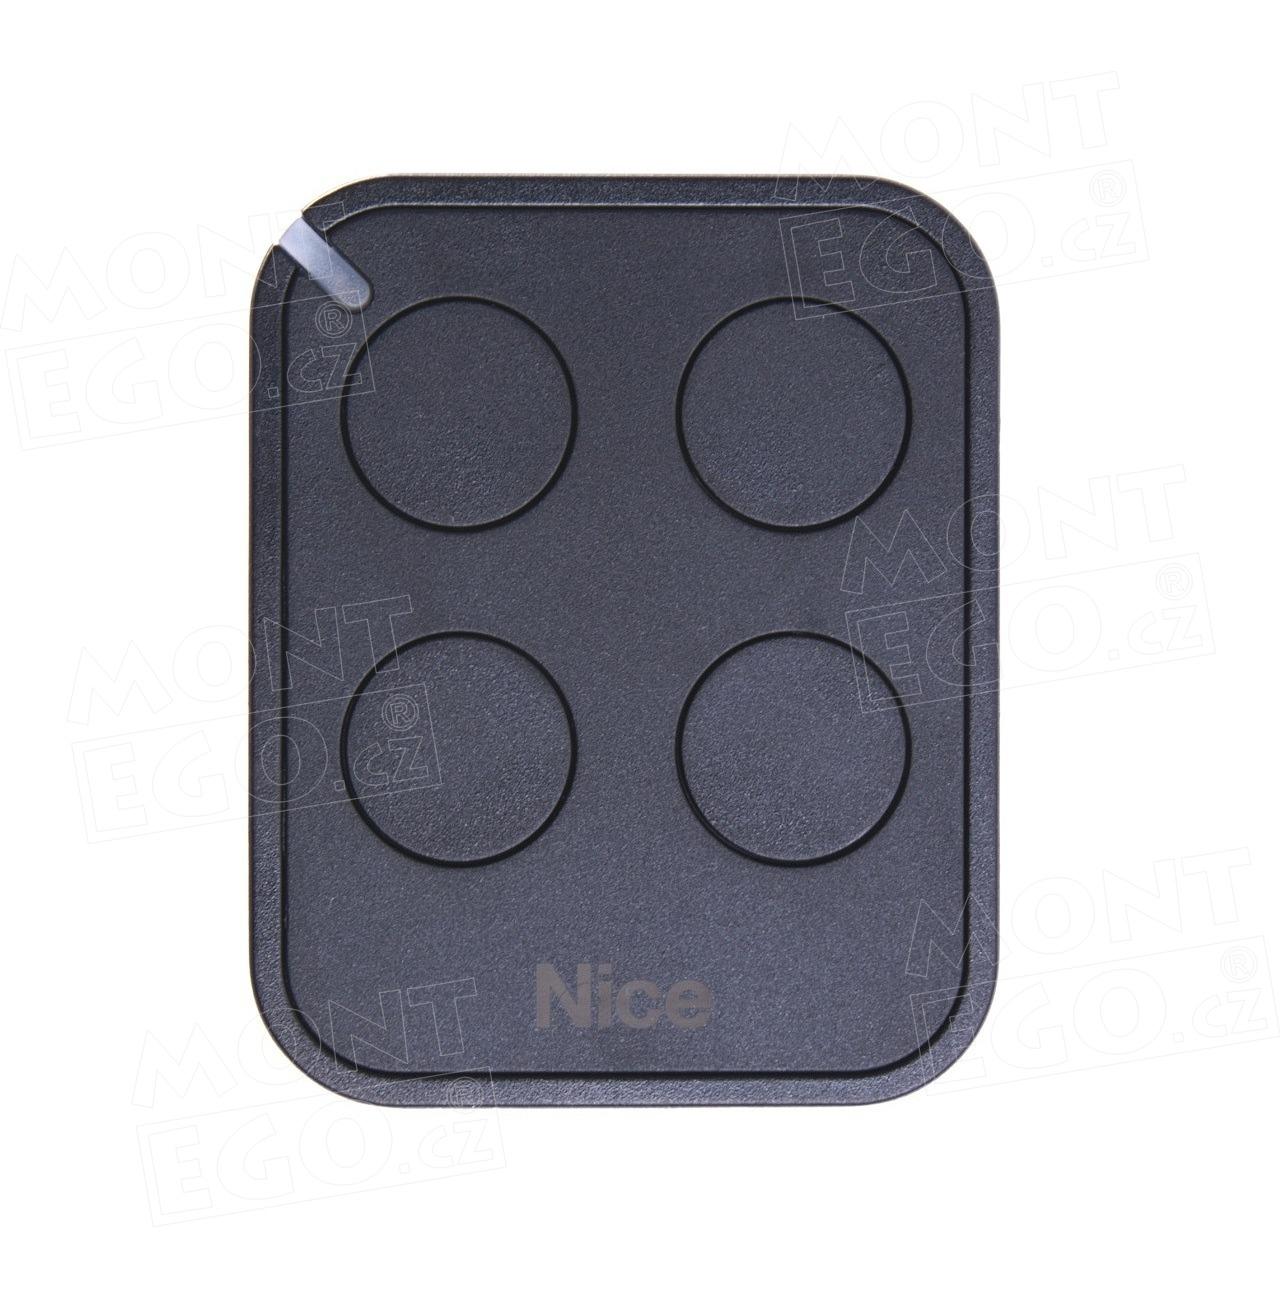 Nice FLO4RE dálkový ovladač 4 tlačítkový Nice ERA Flo4R-E, náhrada za Nice FLOR-S, FLO4R-S